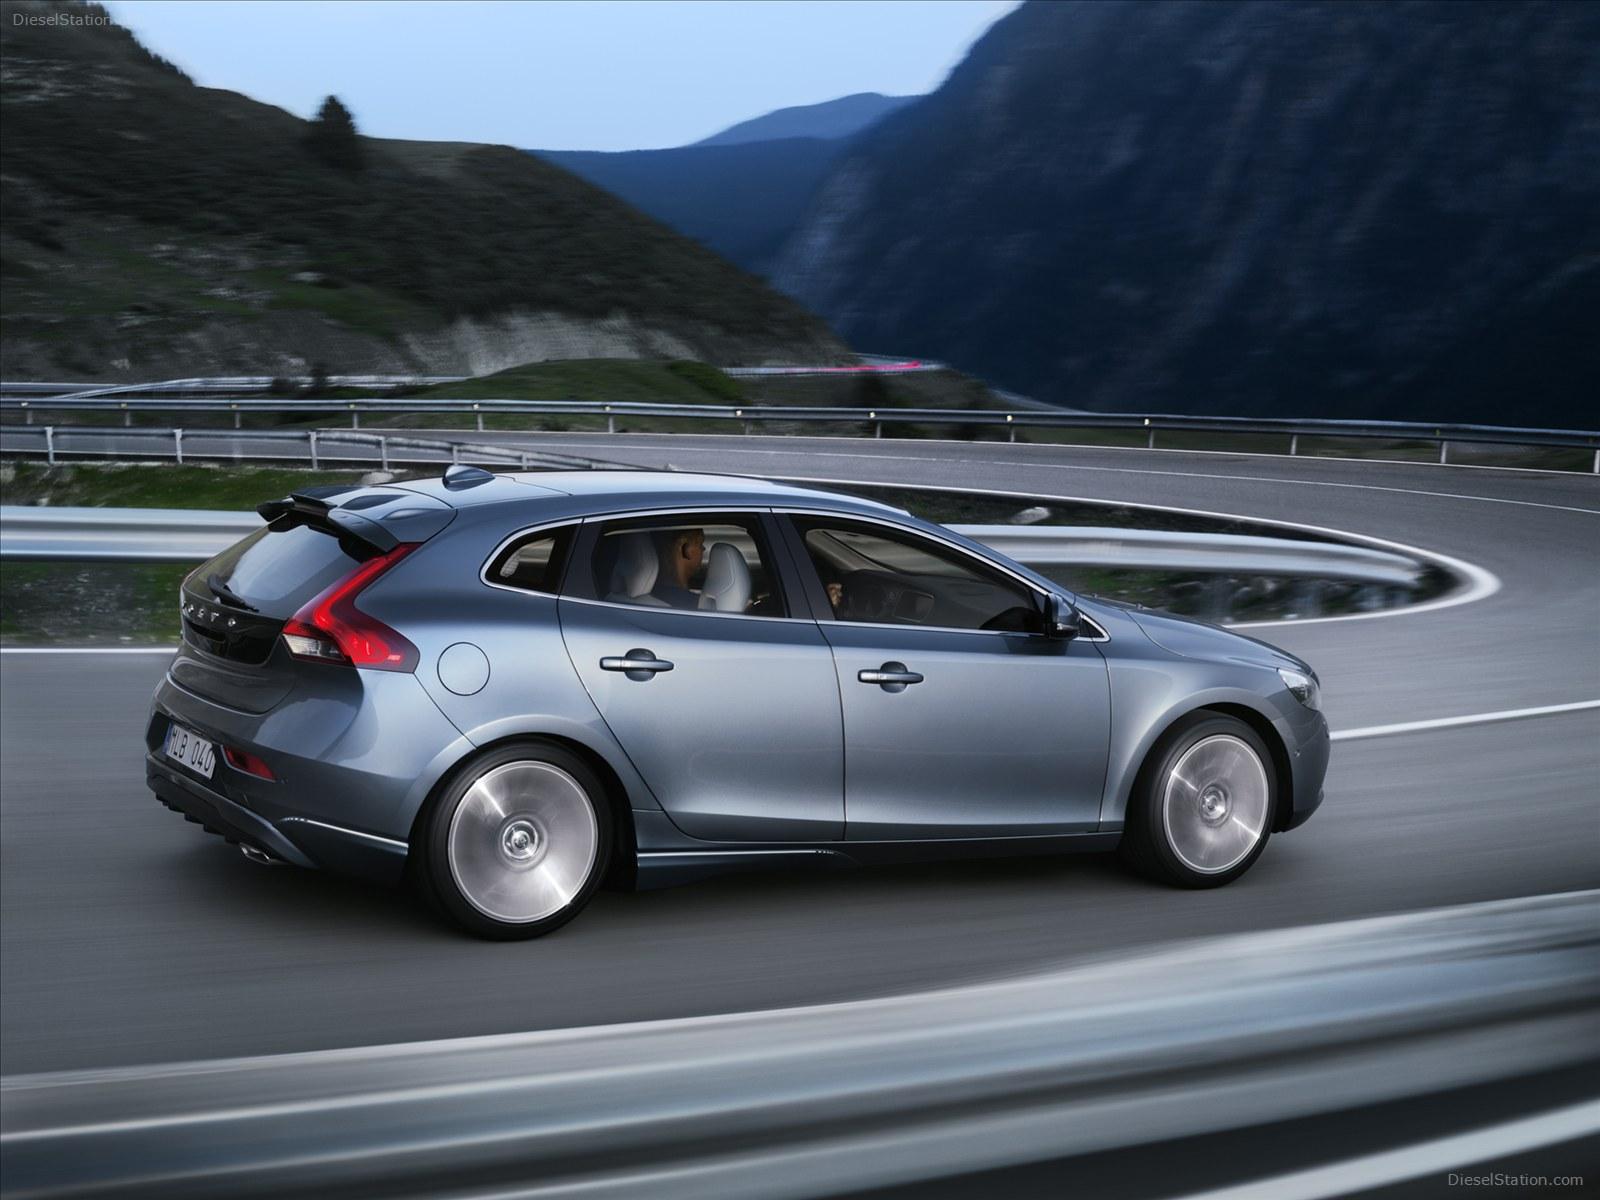 article-coches-seguros-euroncap-enero-2013-volvo-v40-50ffdce4aa837